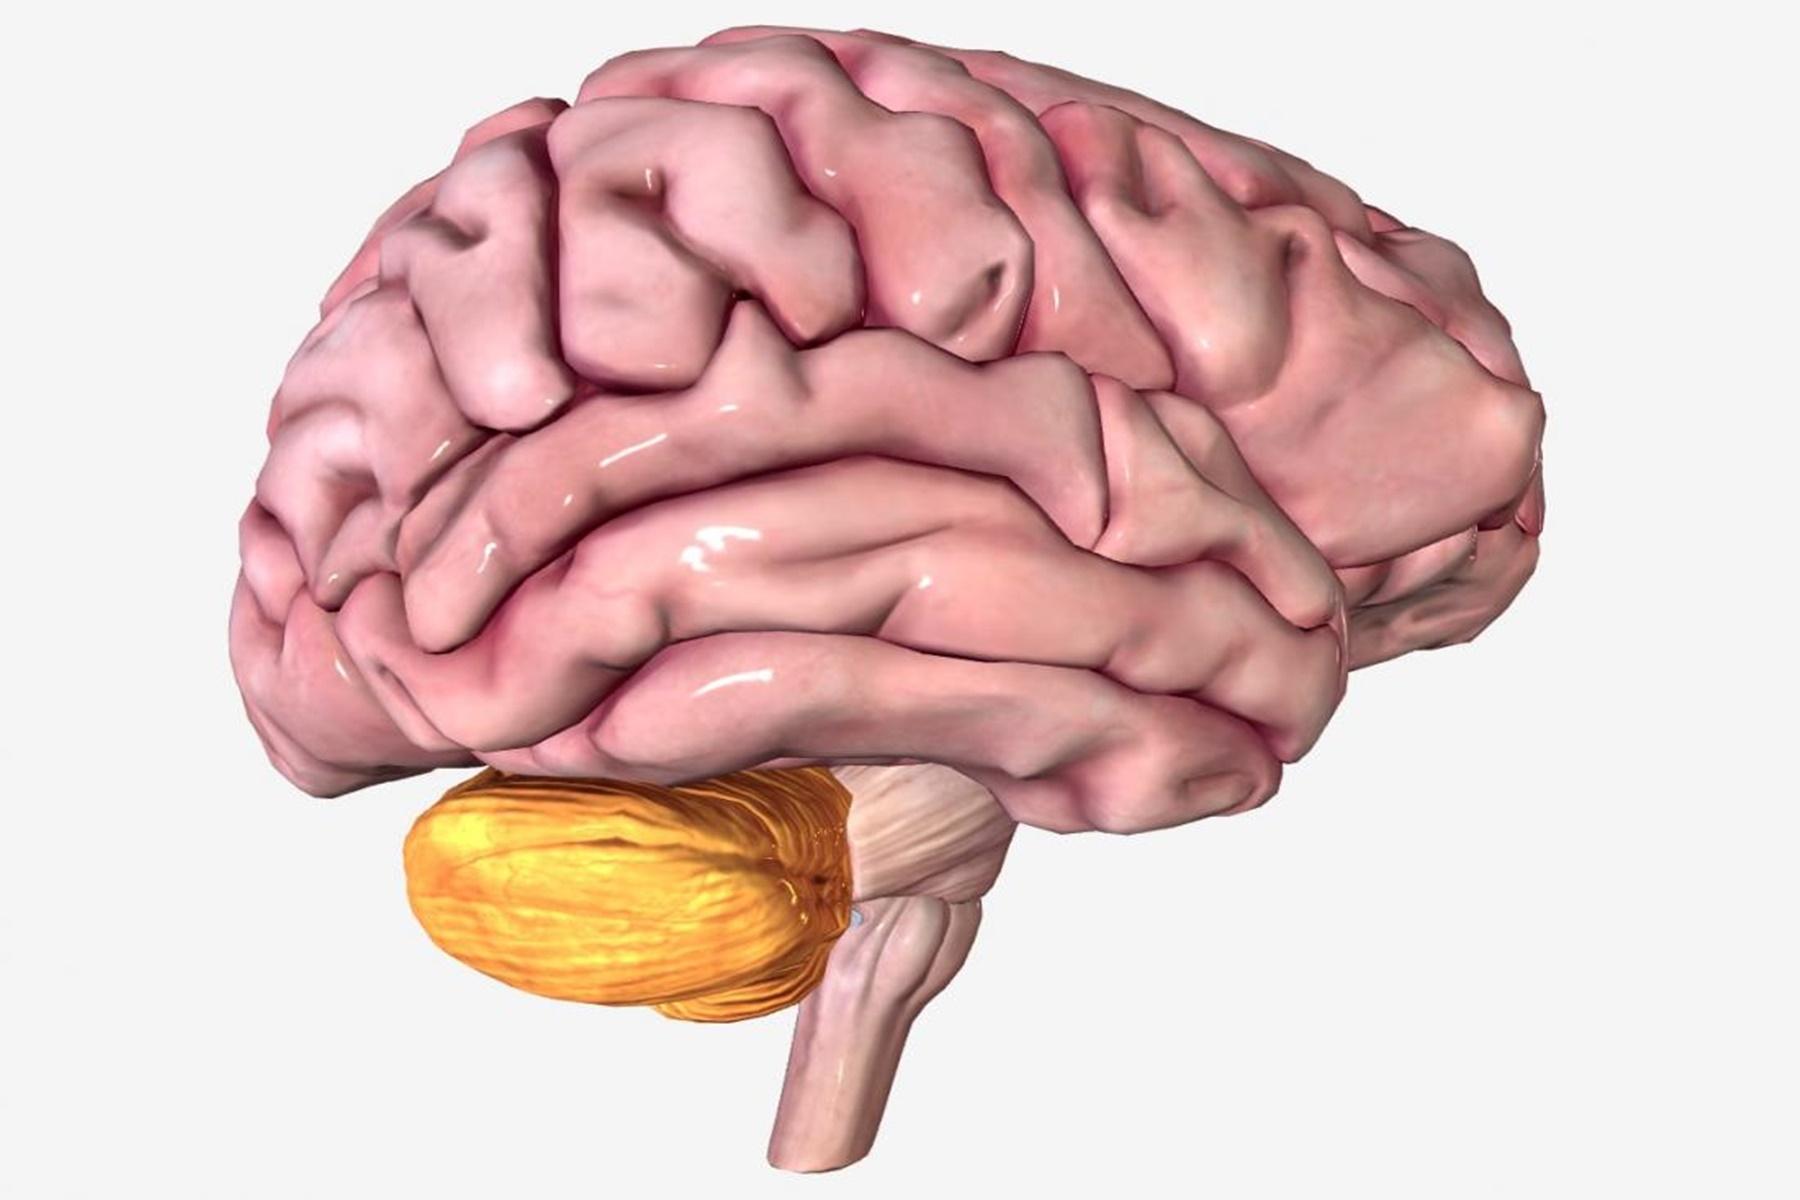 Εγκεφαλοαγγειακή νόσος : Παράγοντες που καθορίζουν το προσδόκιμο ζωής